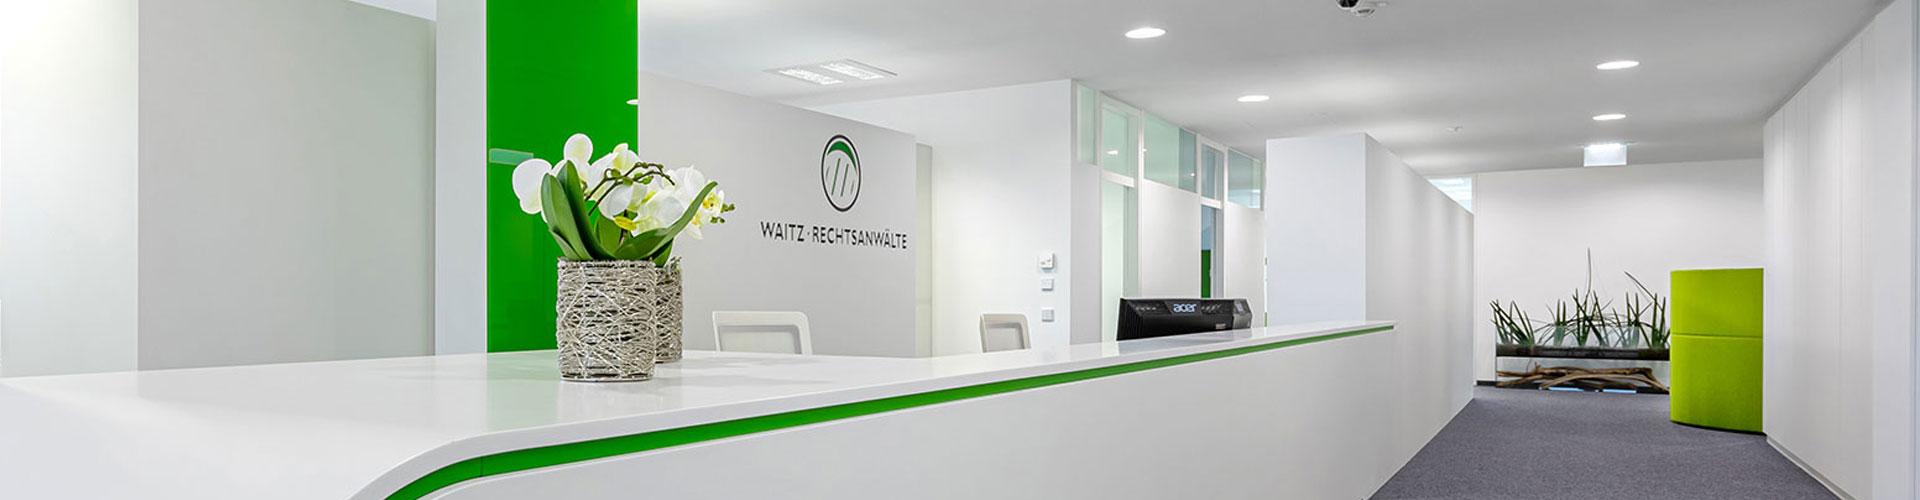 Banner 2 Waitz Rechtsanwälte • Rechtsanwalt Linz - Ihre Alternative im Wirtschafts- und Steuerrecht.